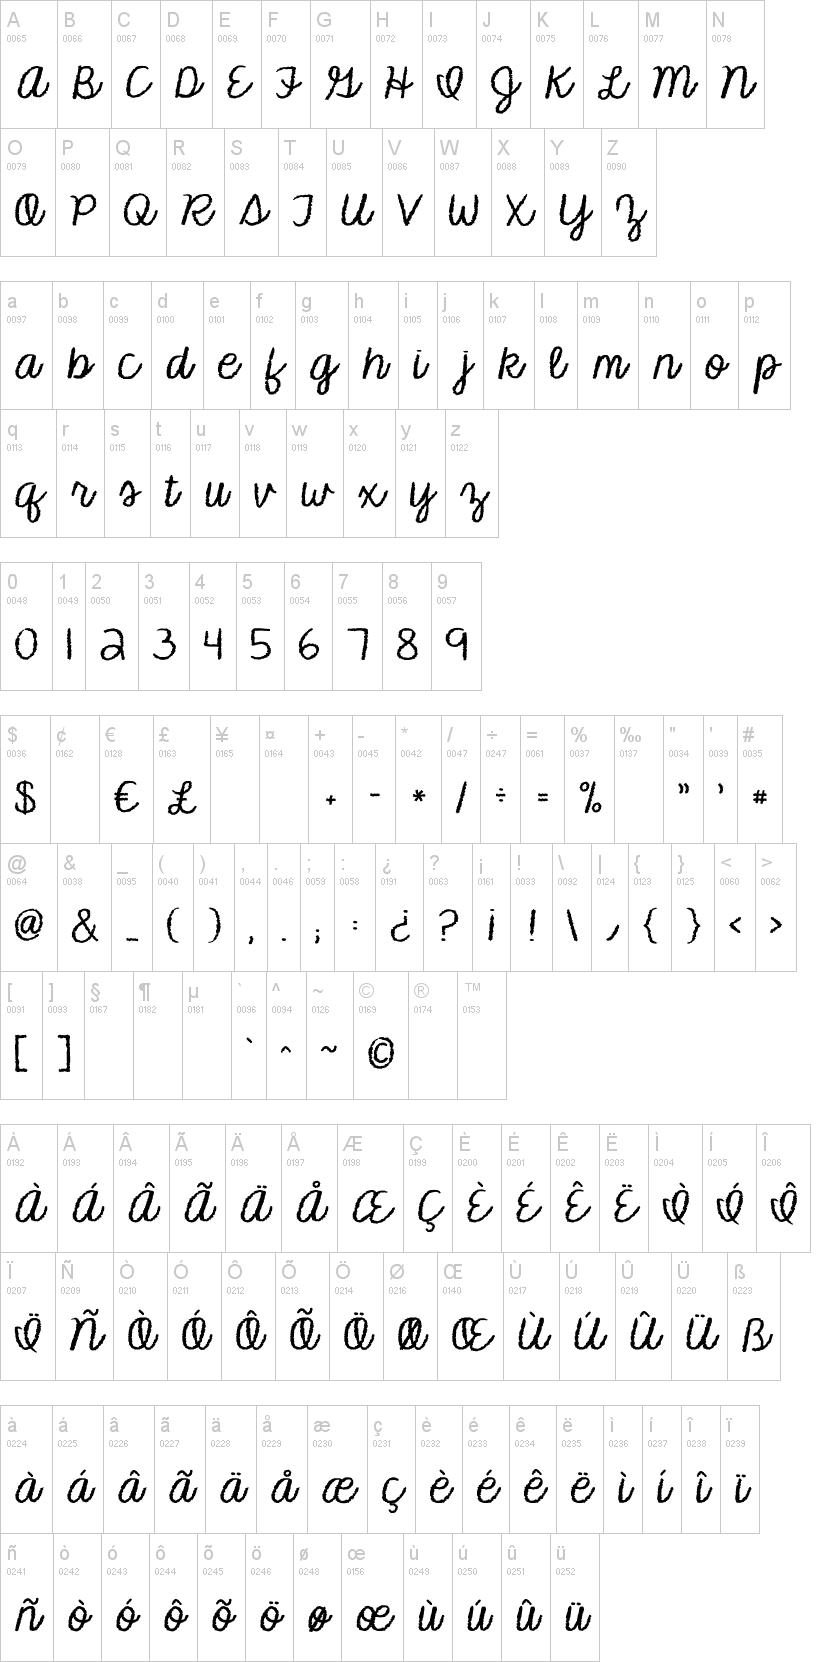 Kg Makes You Stronger Font Dafont